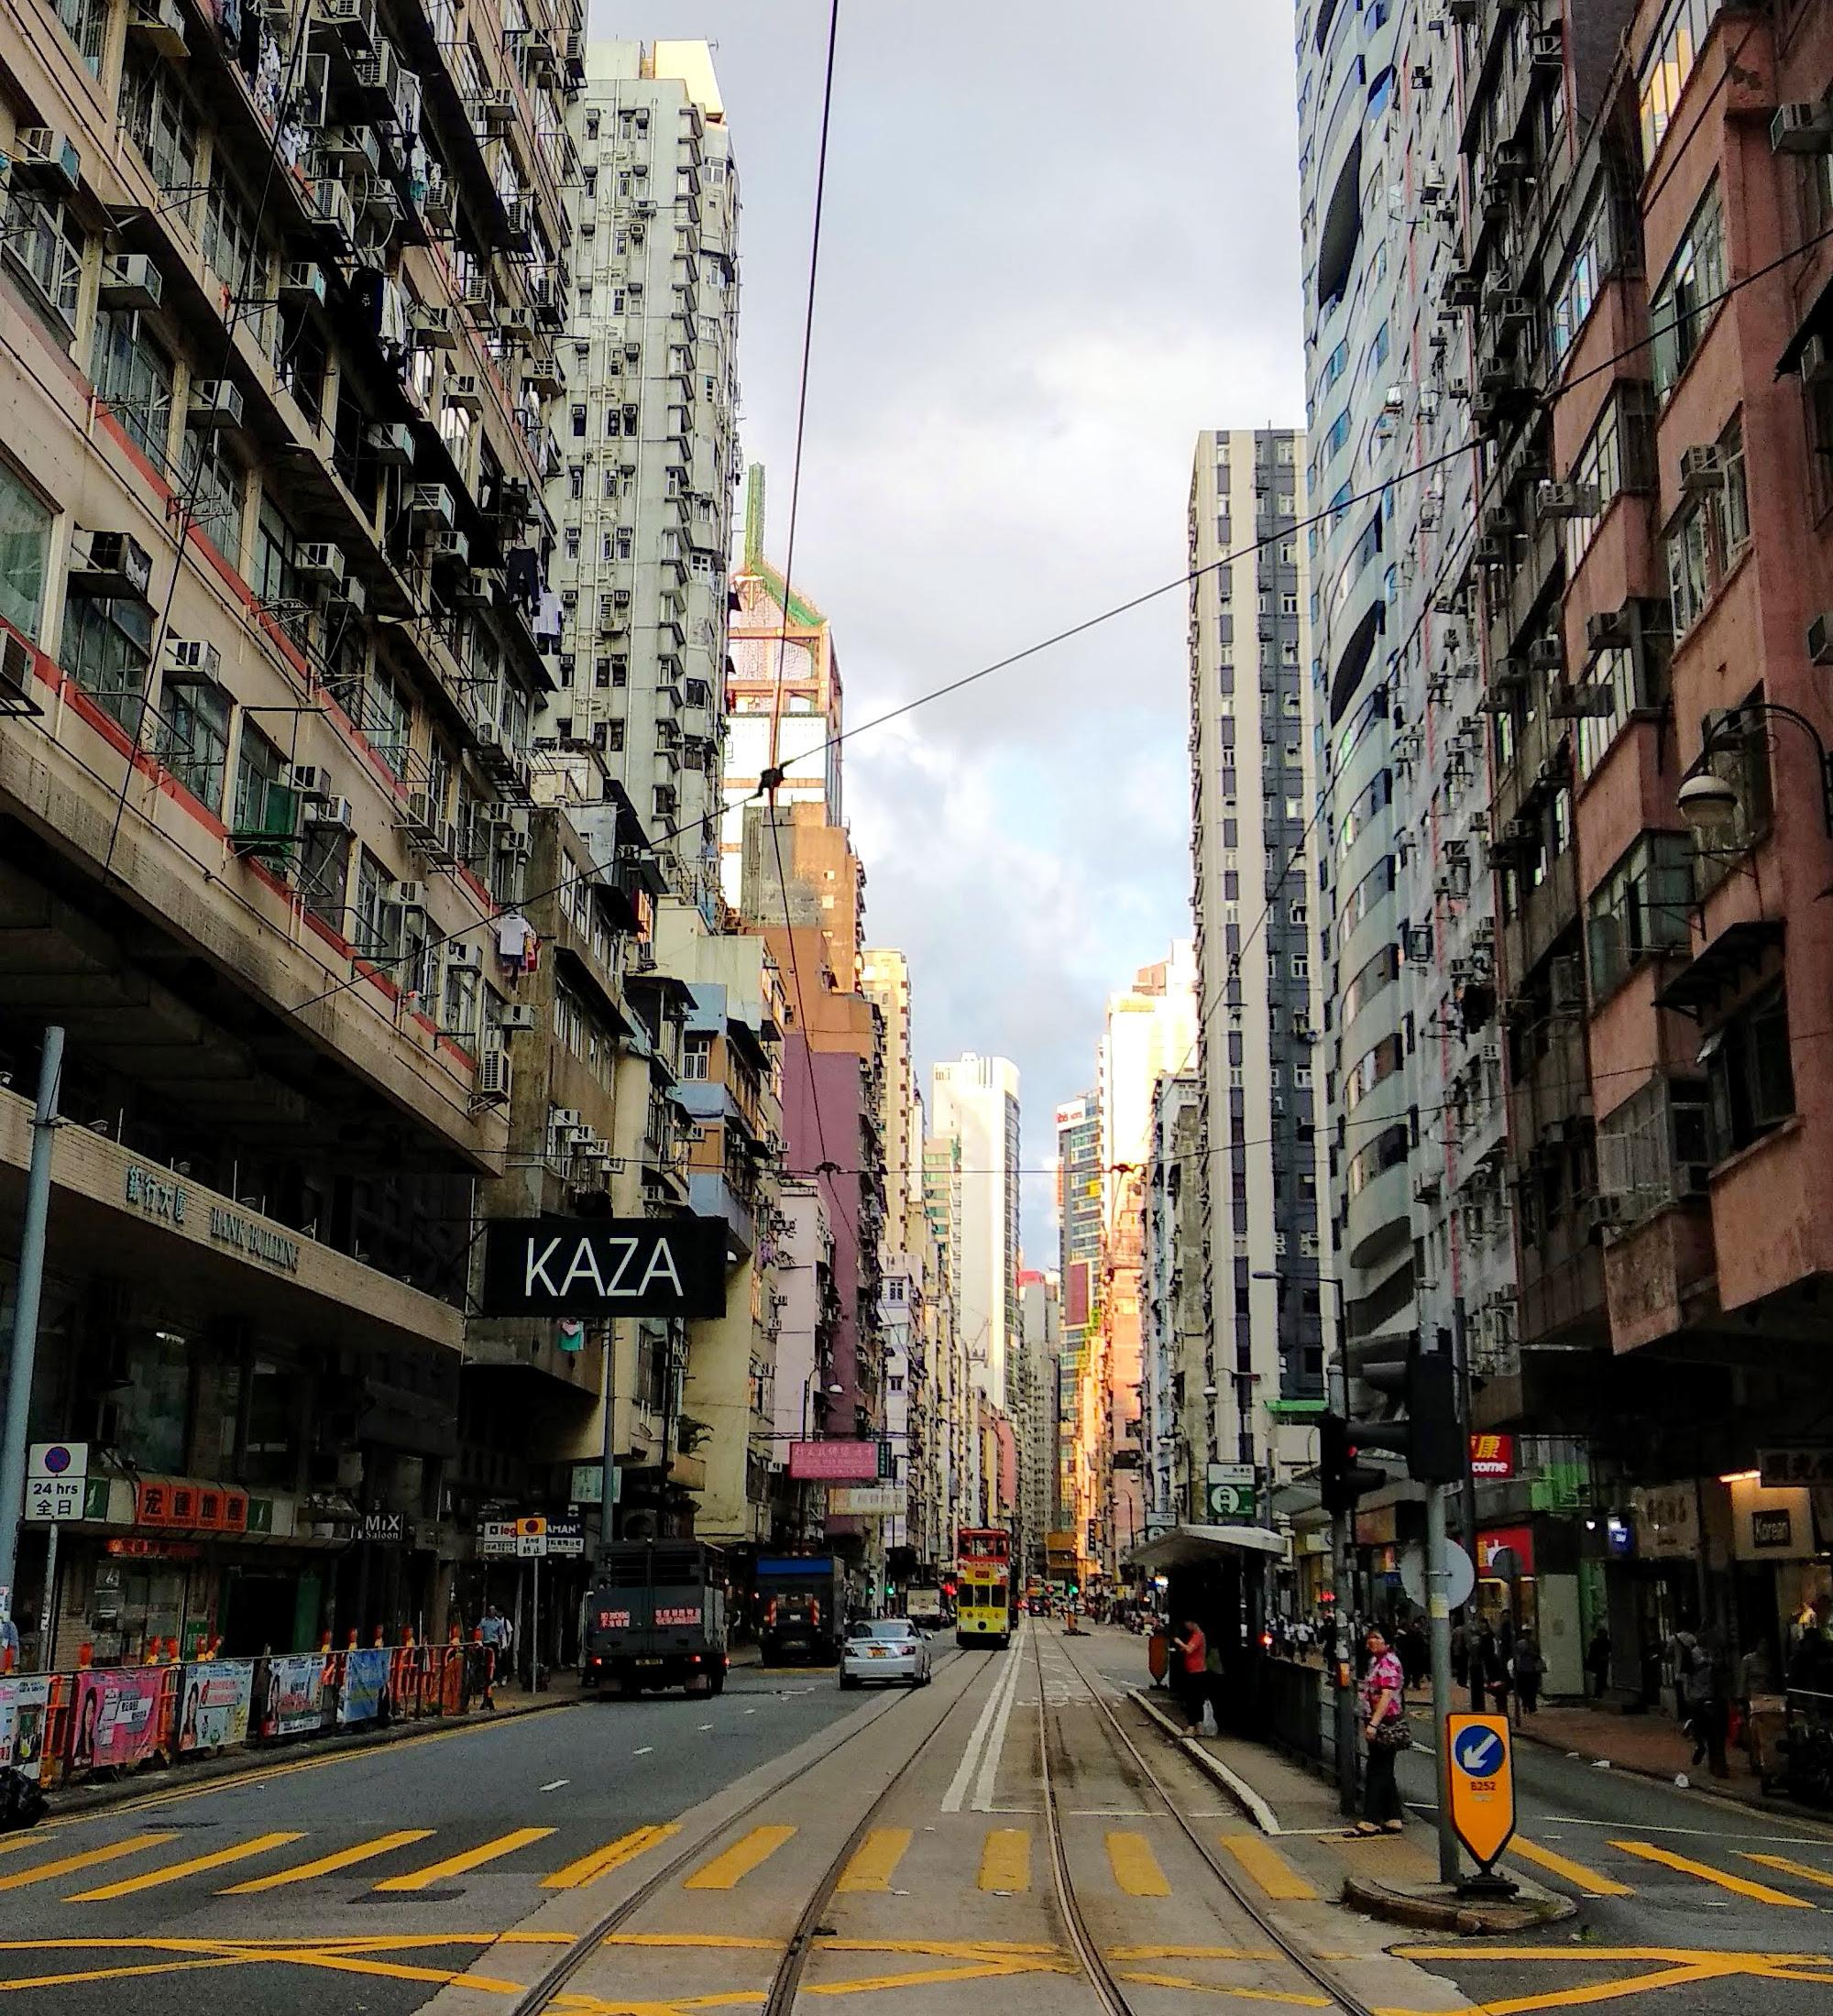 Street in Sai Ying Pun